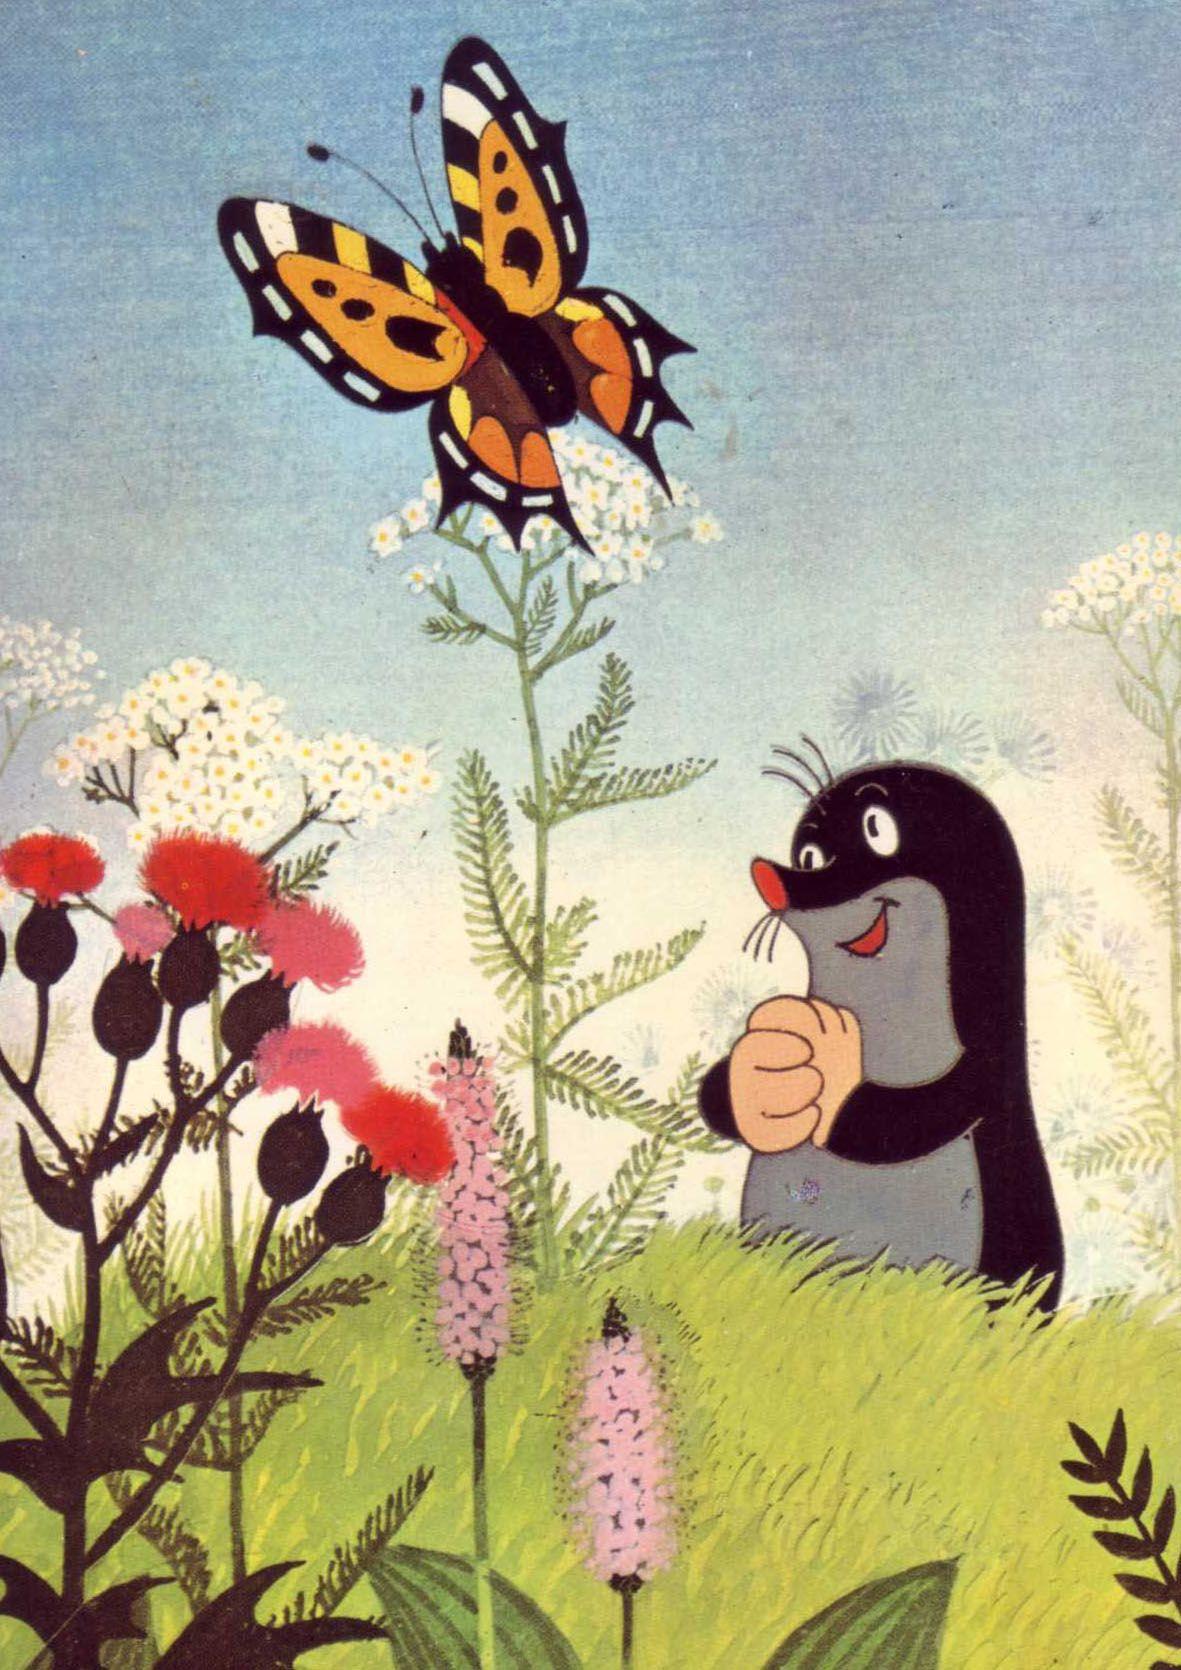 Lorenin S Collection Illustration Sendung Mit Der Maus Maulwurf